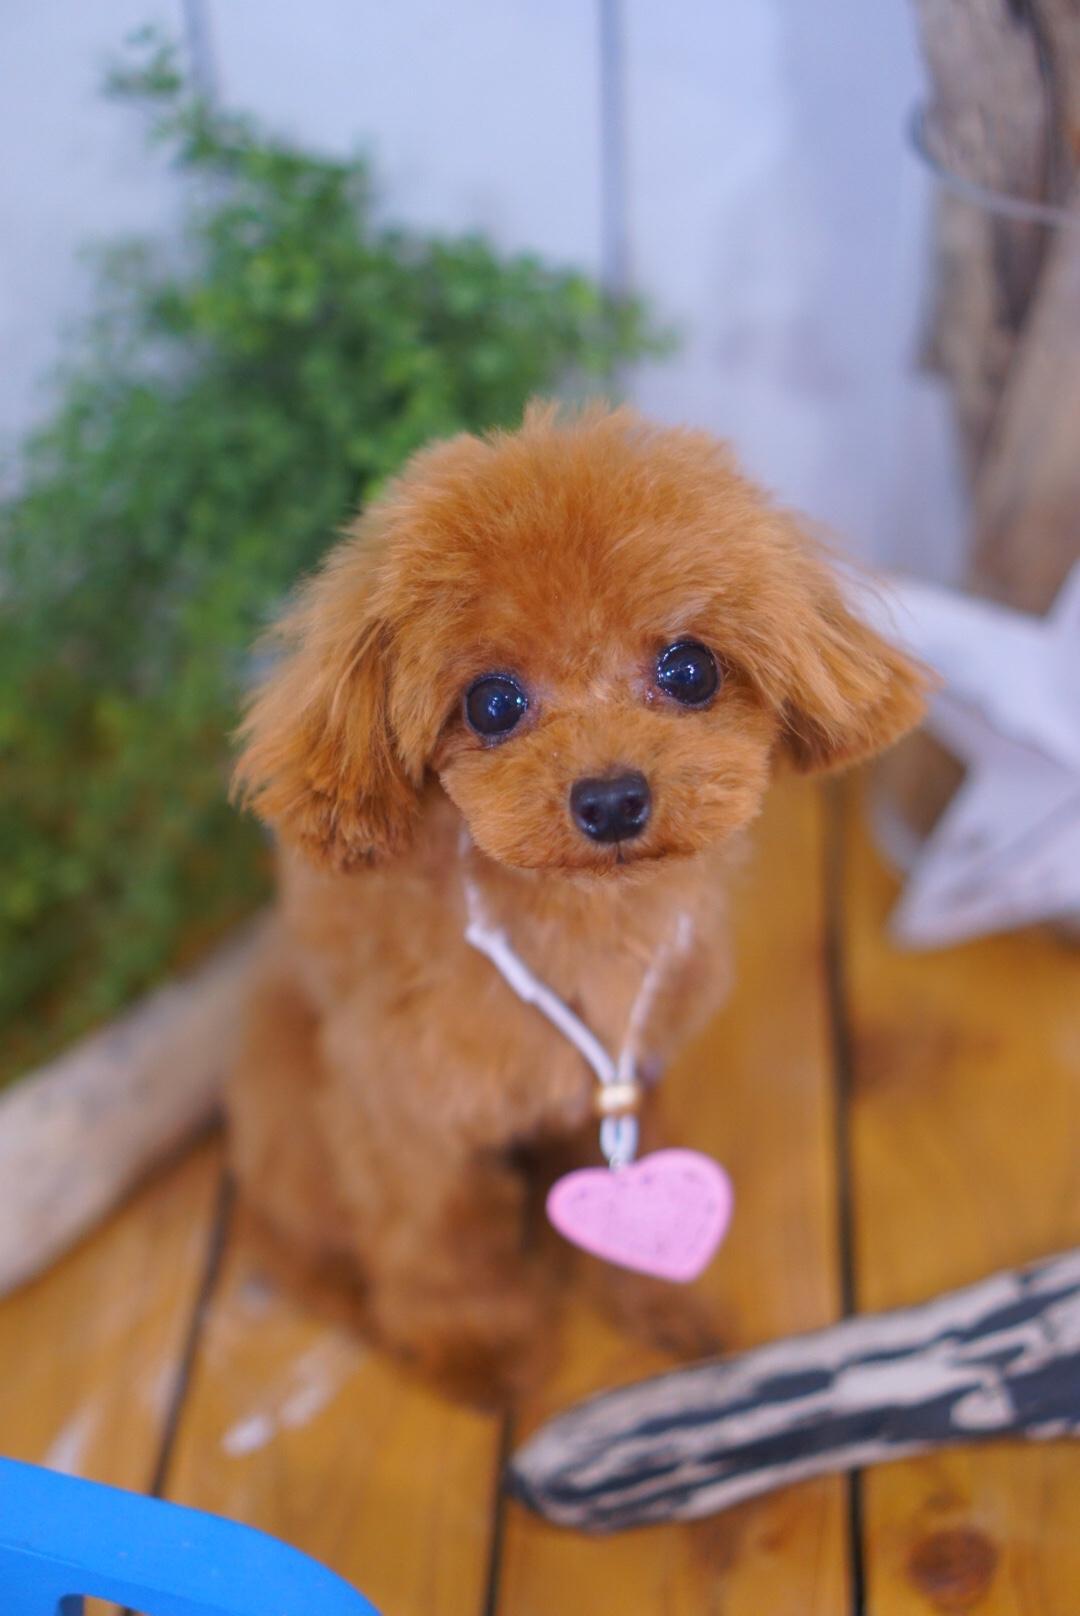 ティーカッププードルのテディベア☆大田区「久が原 雪が谷大塚 石川台 」ペットトリミングサロンDEAR DOGS